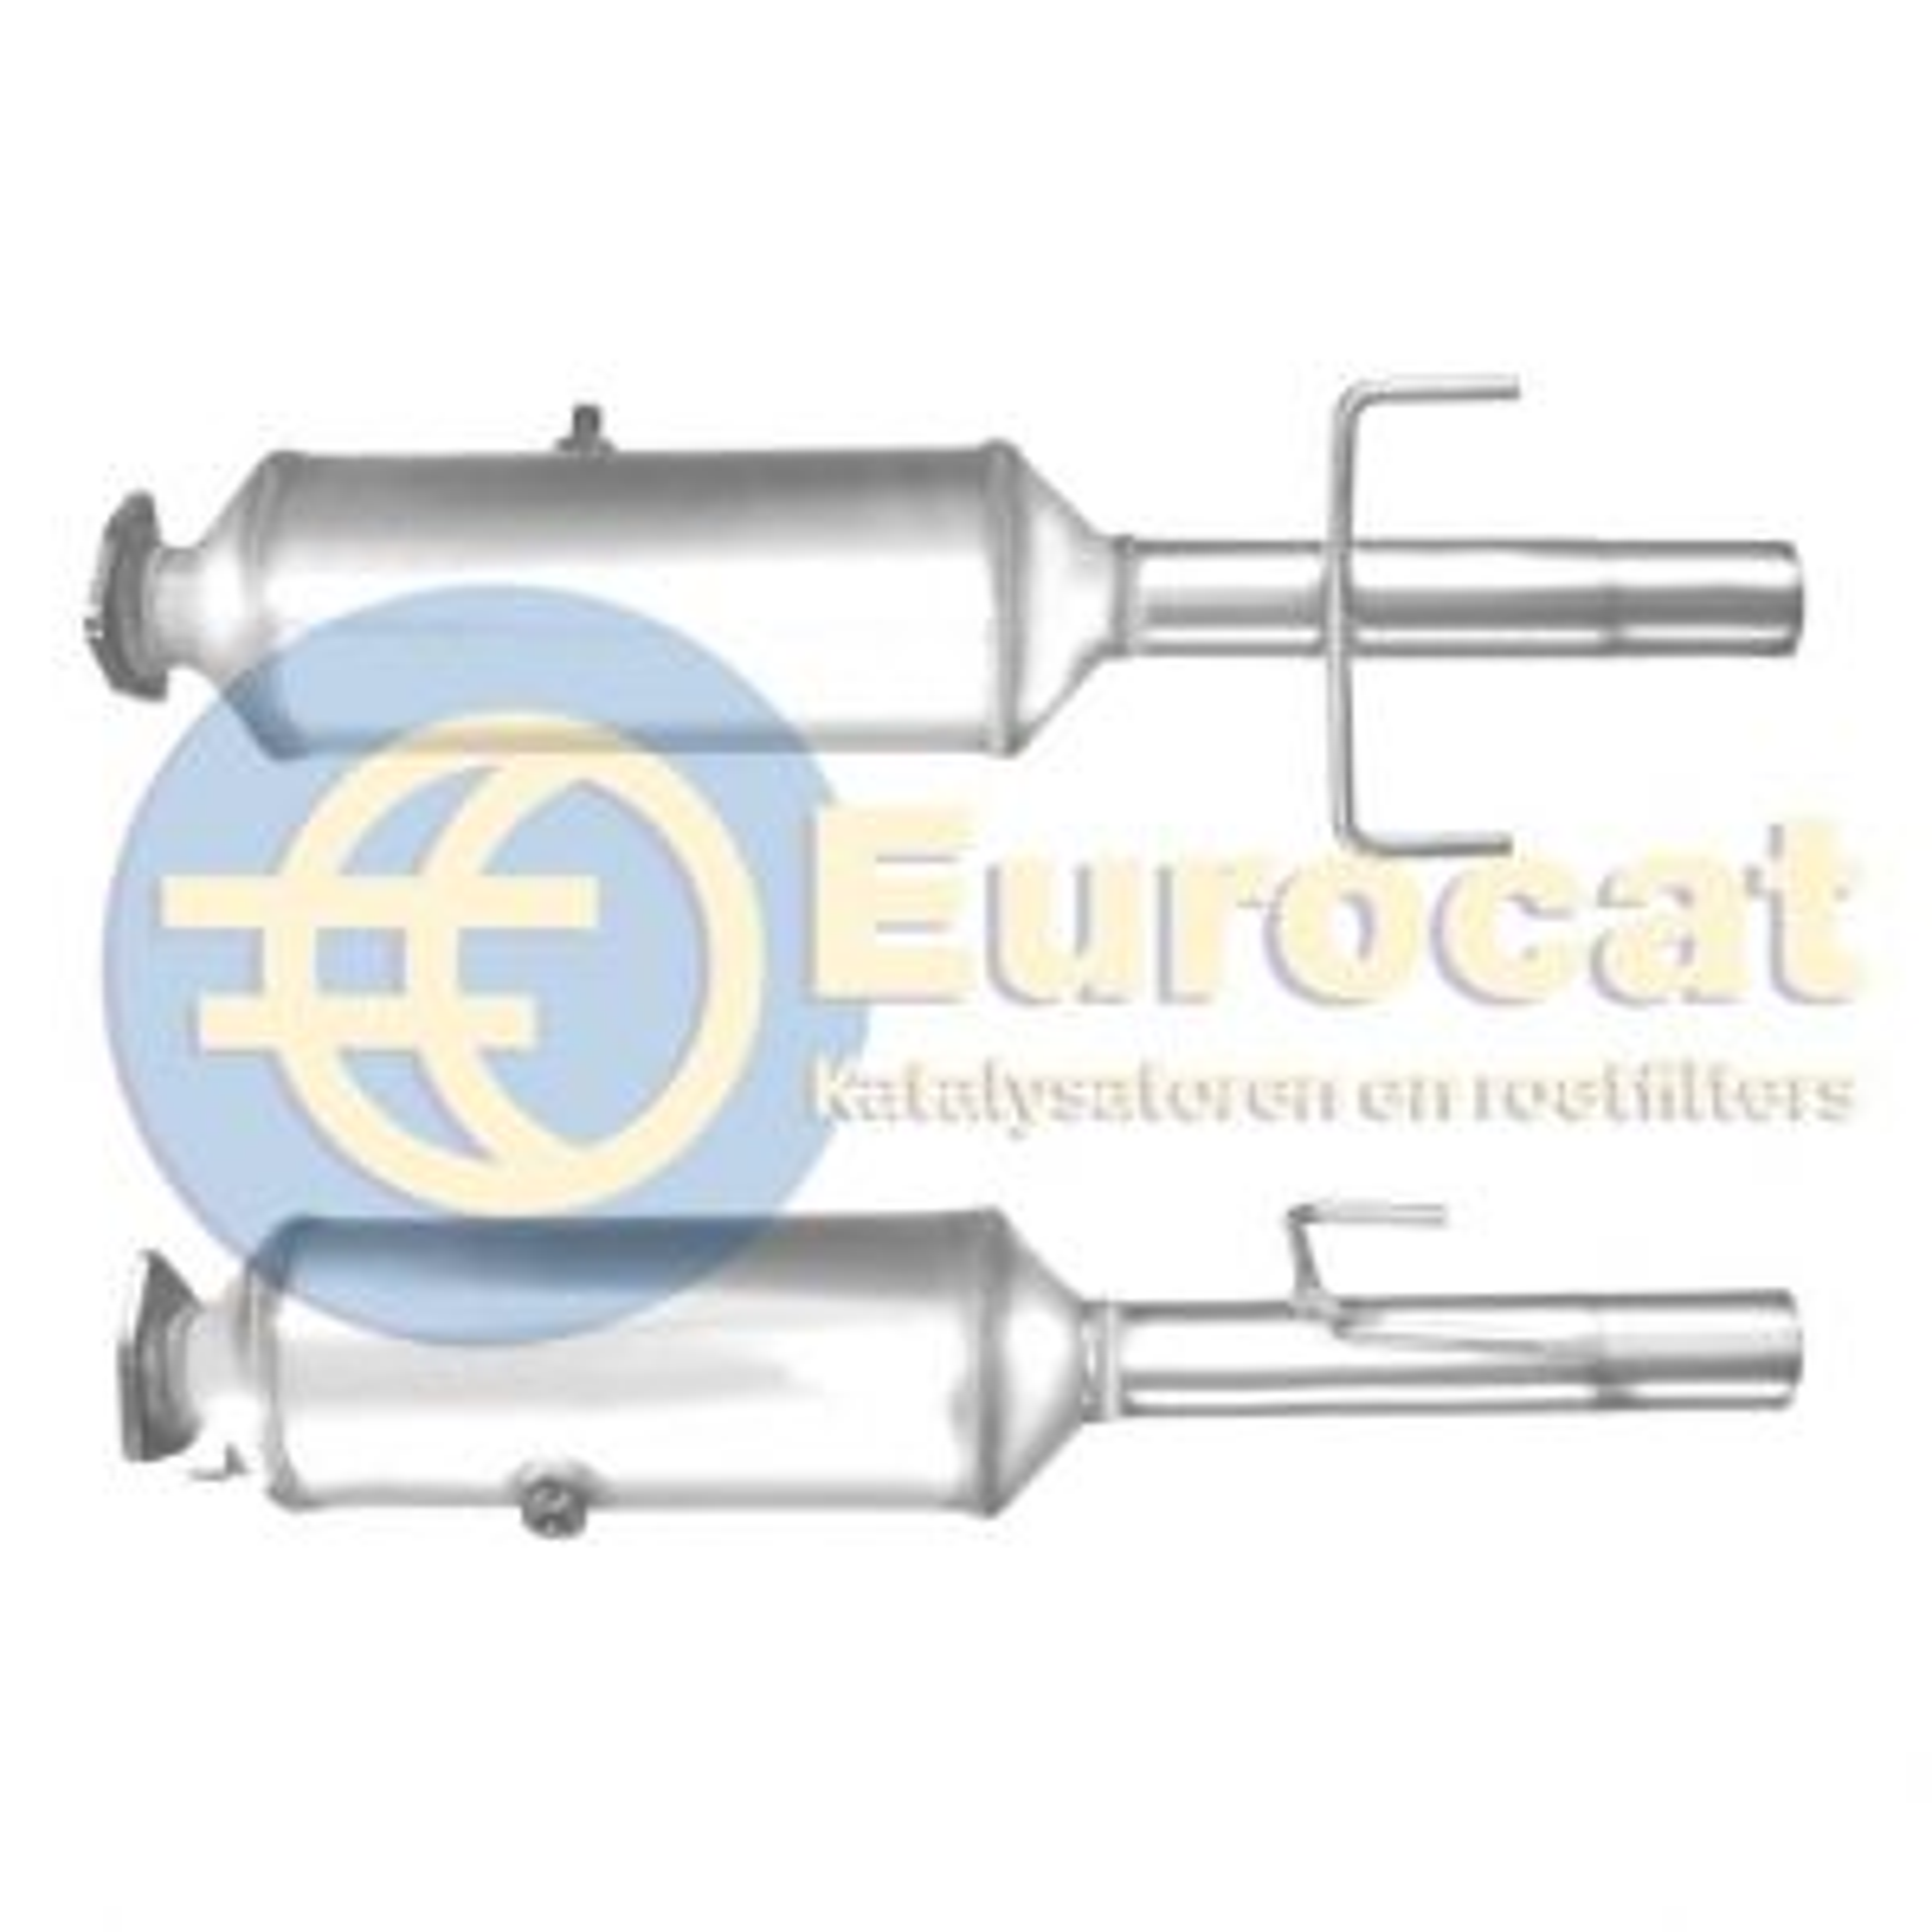 Bravo / Doblo / Grande Punto / Stilo (1.9JTD/1.9MJTD) roetfilter cordieriet